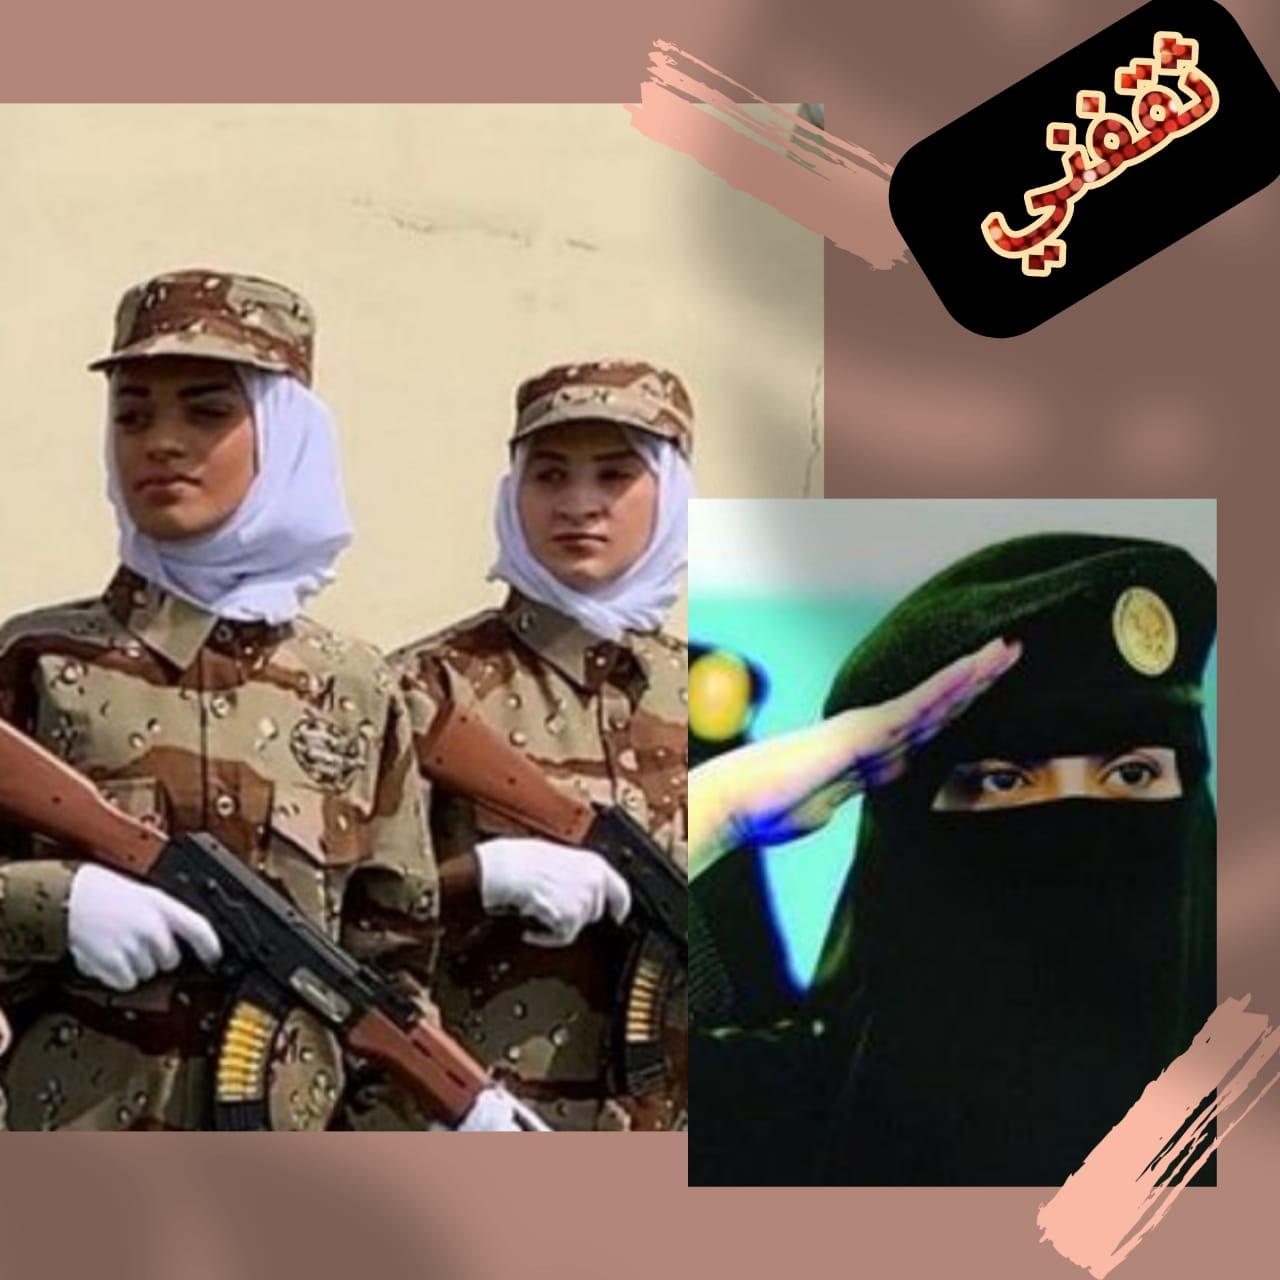 الوظائف العسكرية للنساء 1442 عبر منصة ابشر للتوظيف